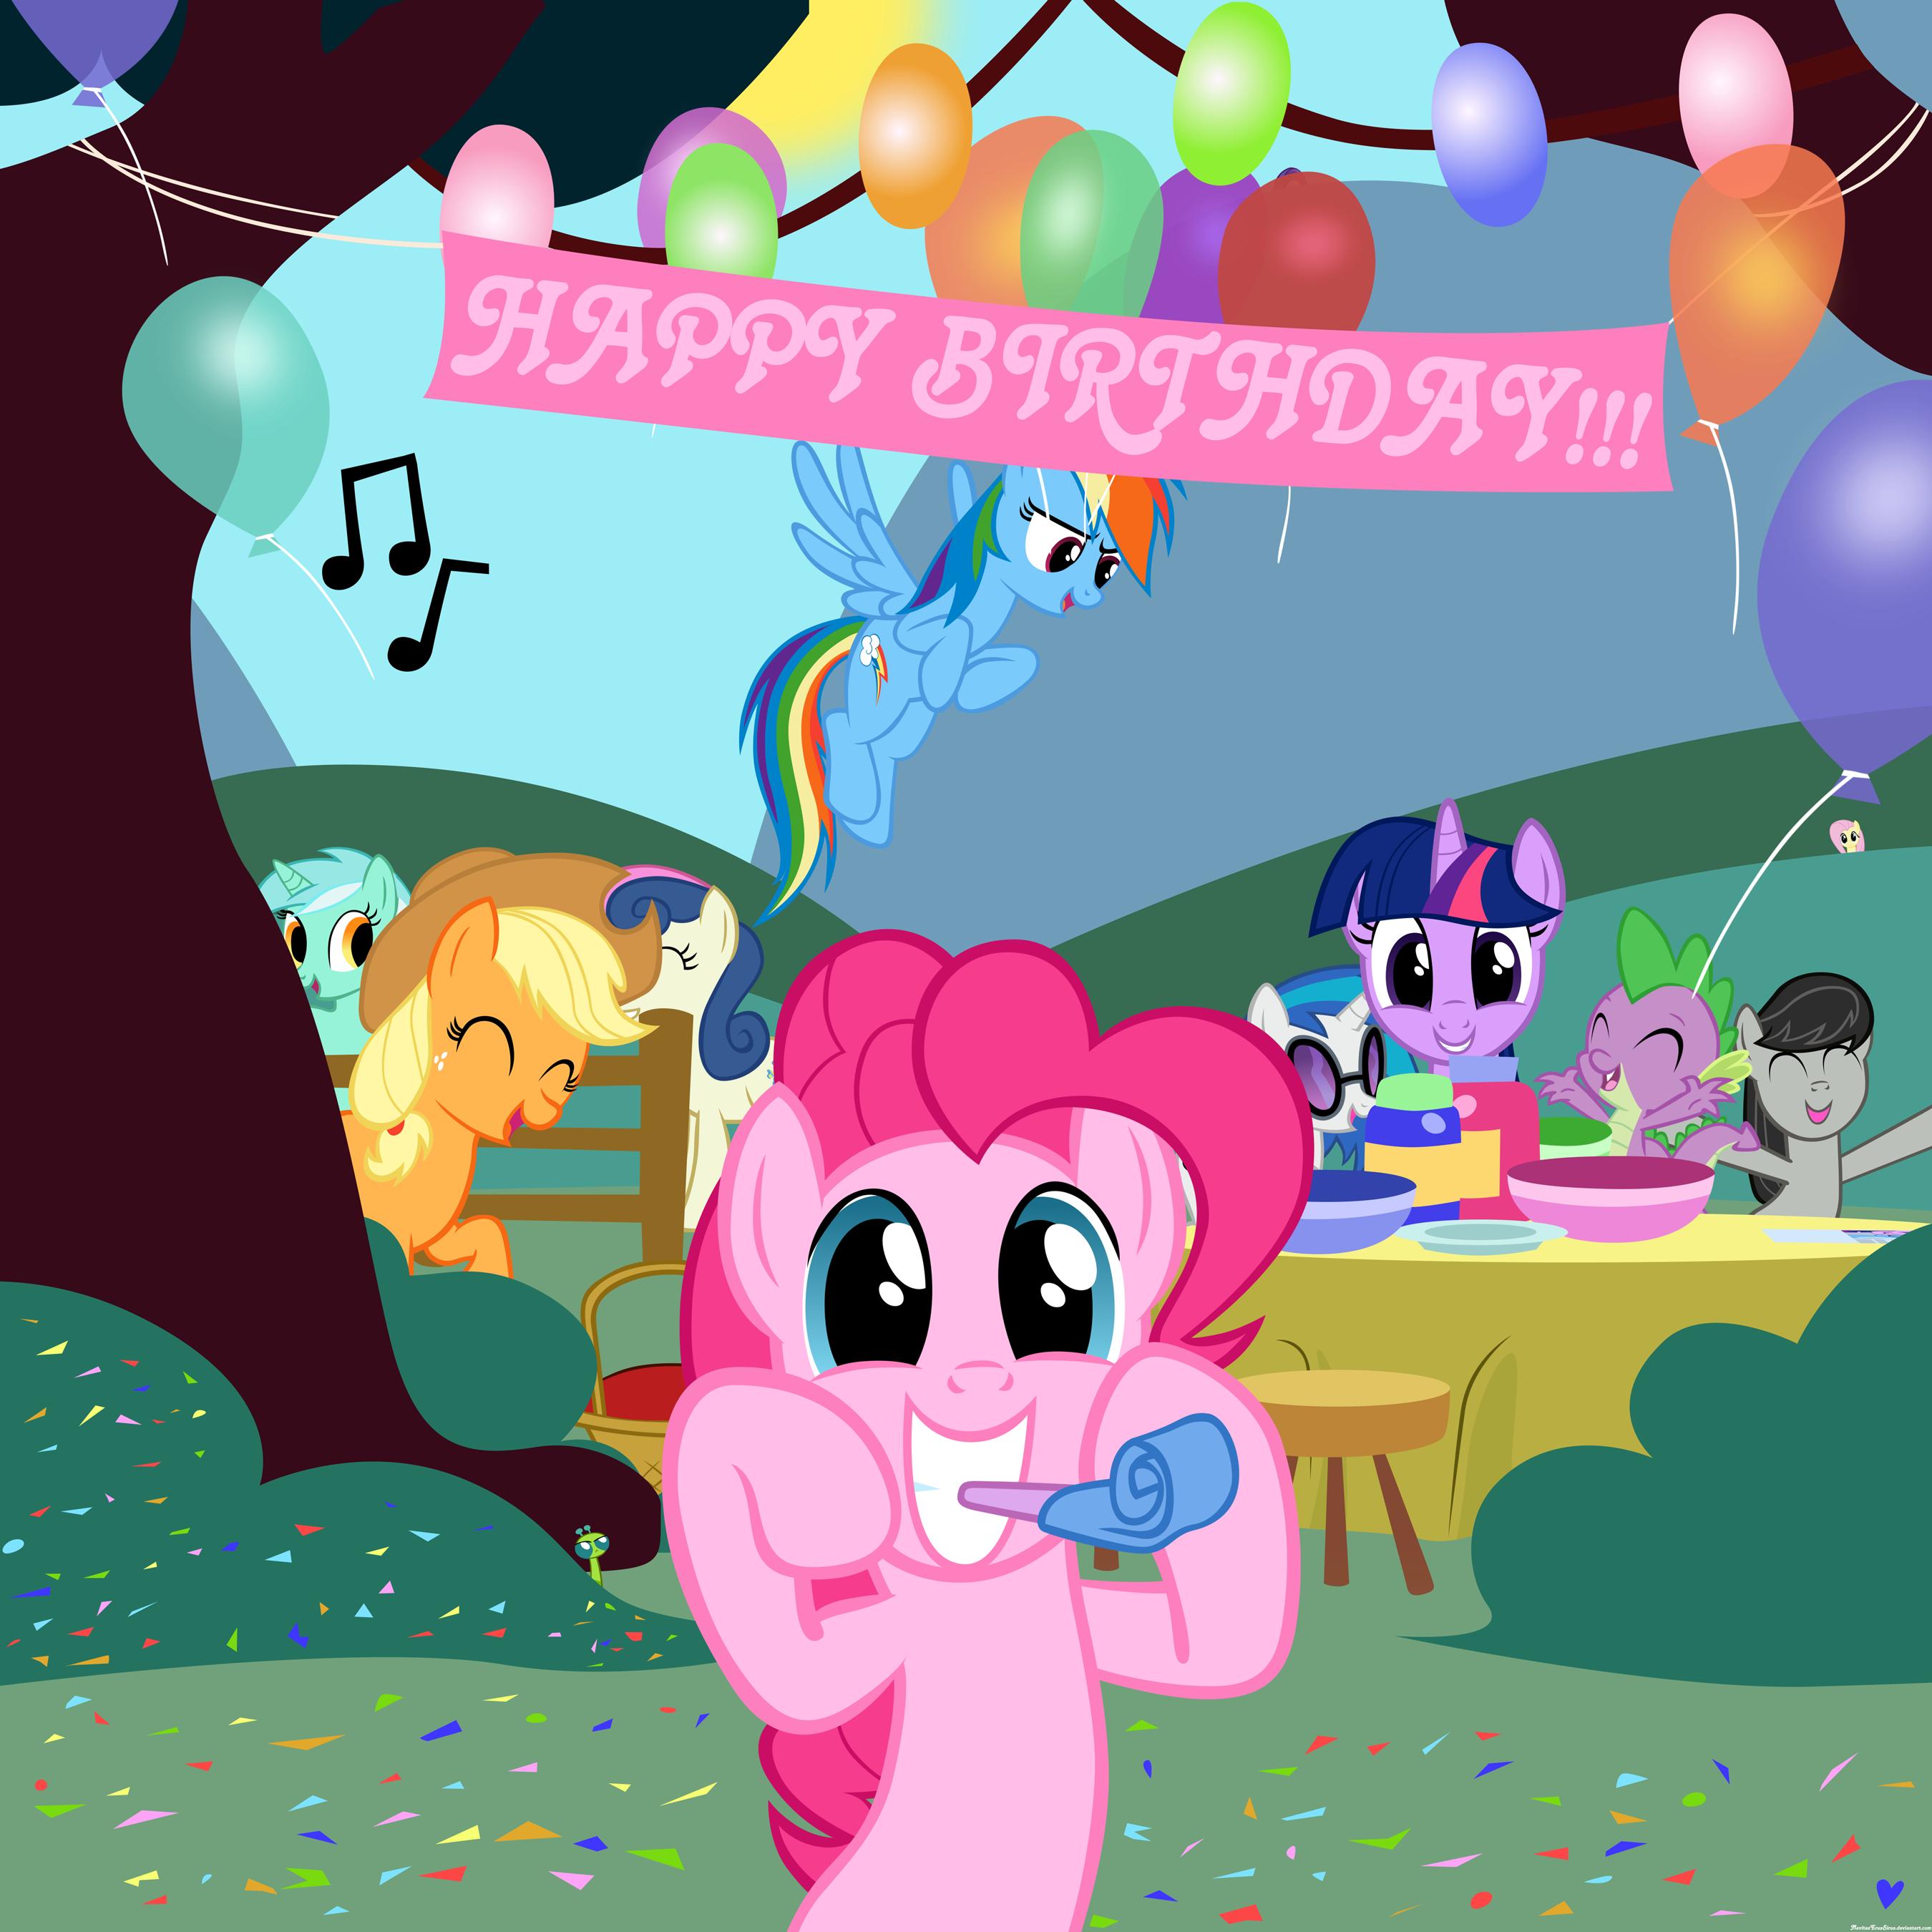 Открытки днем, открытки с днем рождения с май литл пони